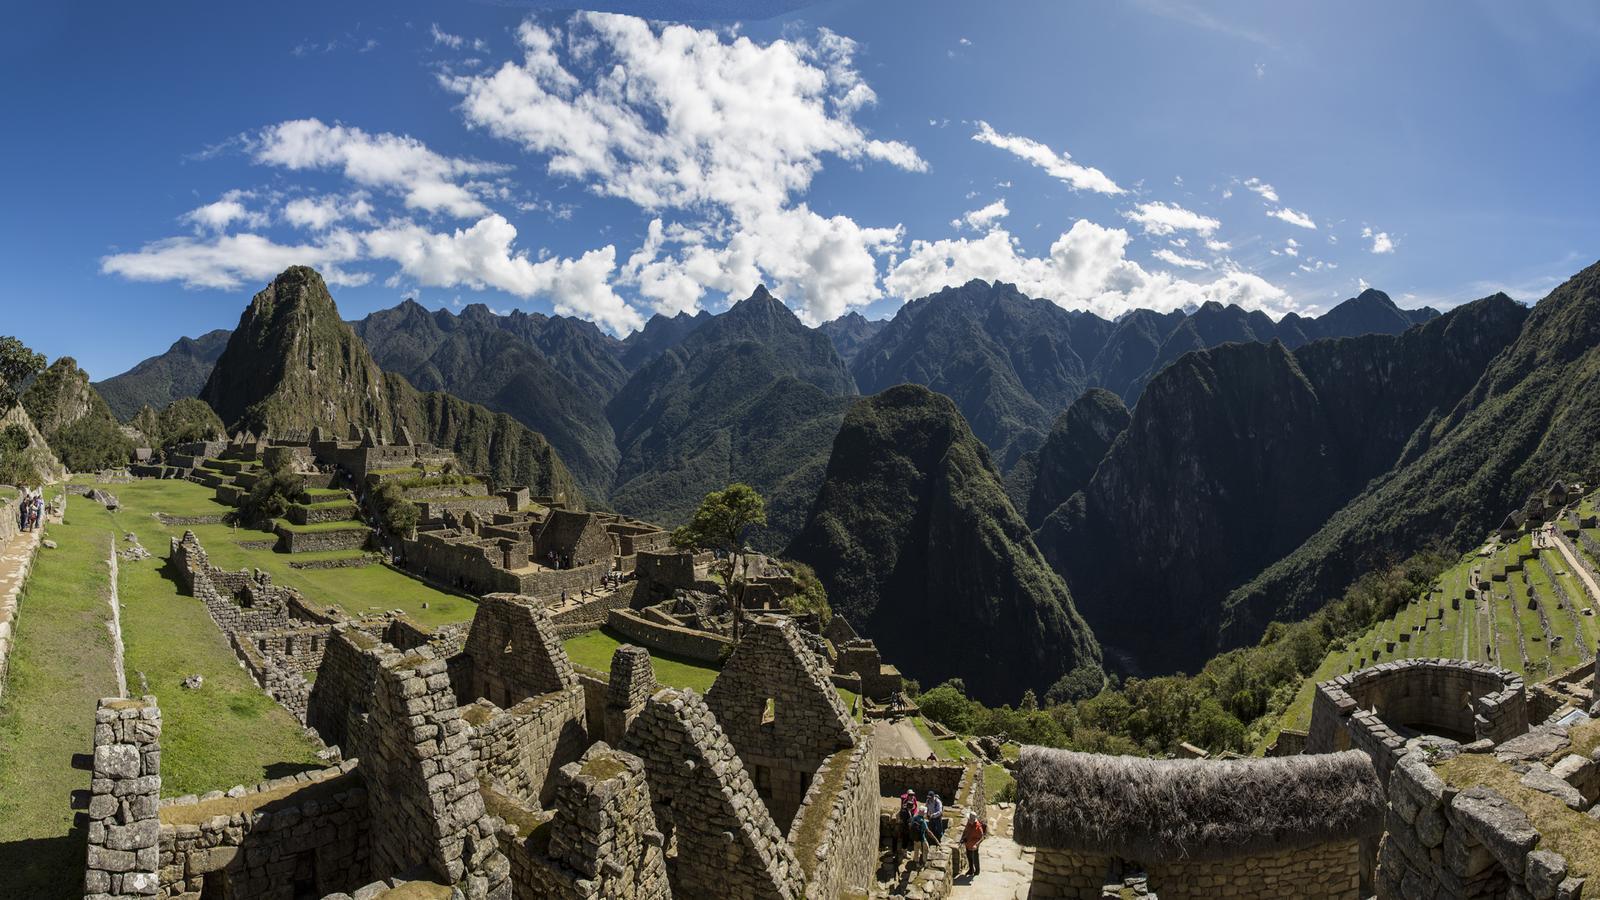 Machu Picchu Peru Reise für junge Leute in der Gruppe traveljunkies